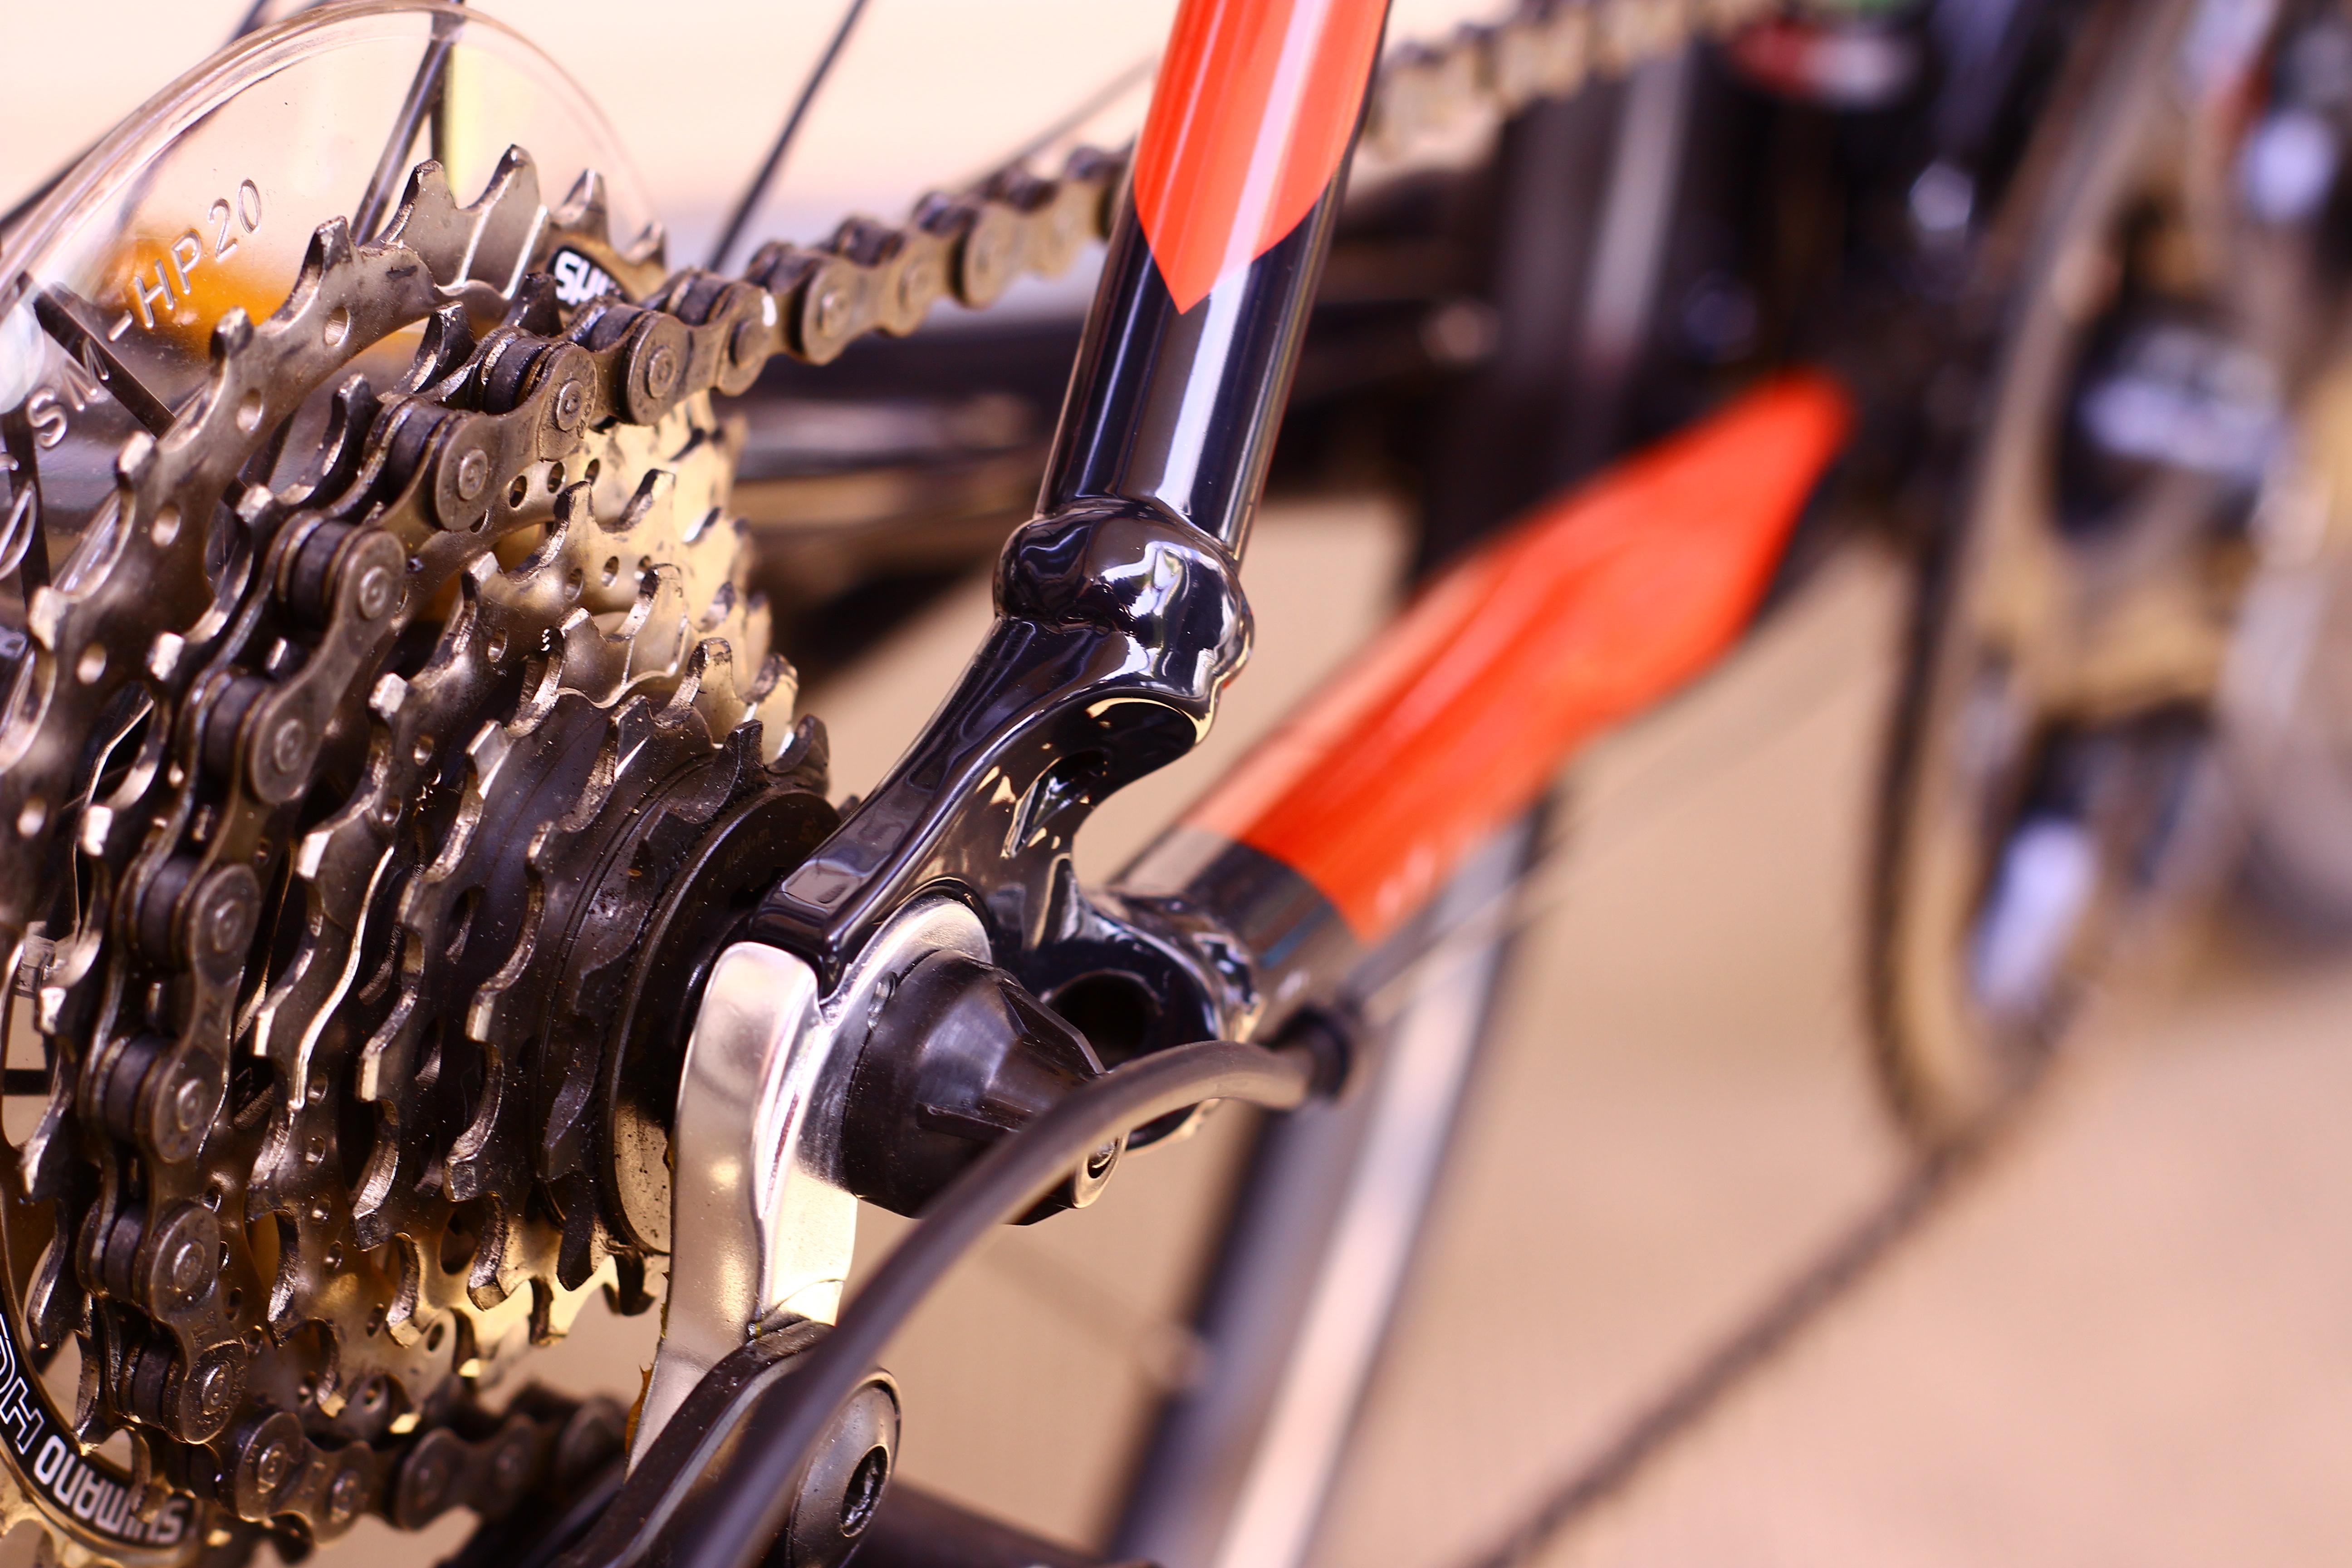 ケイデンスとは?自転車用語なの!?ロードバイクについて知ろう!